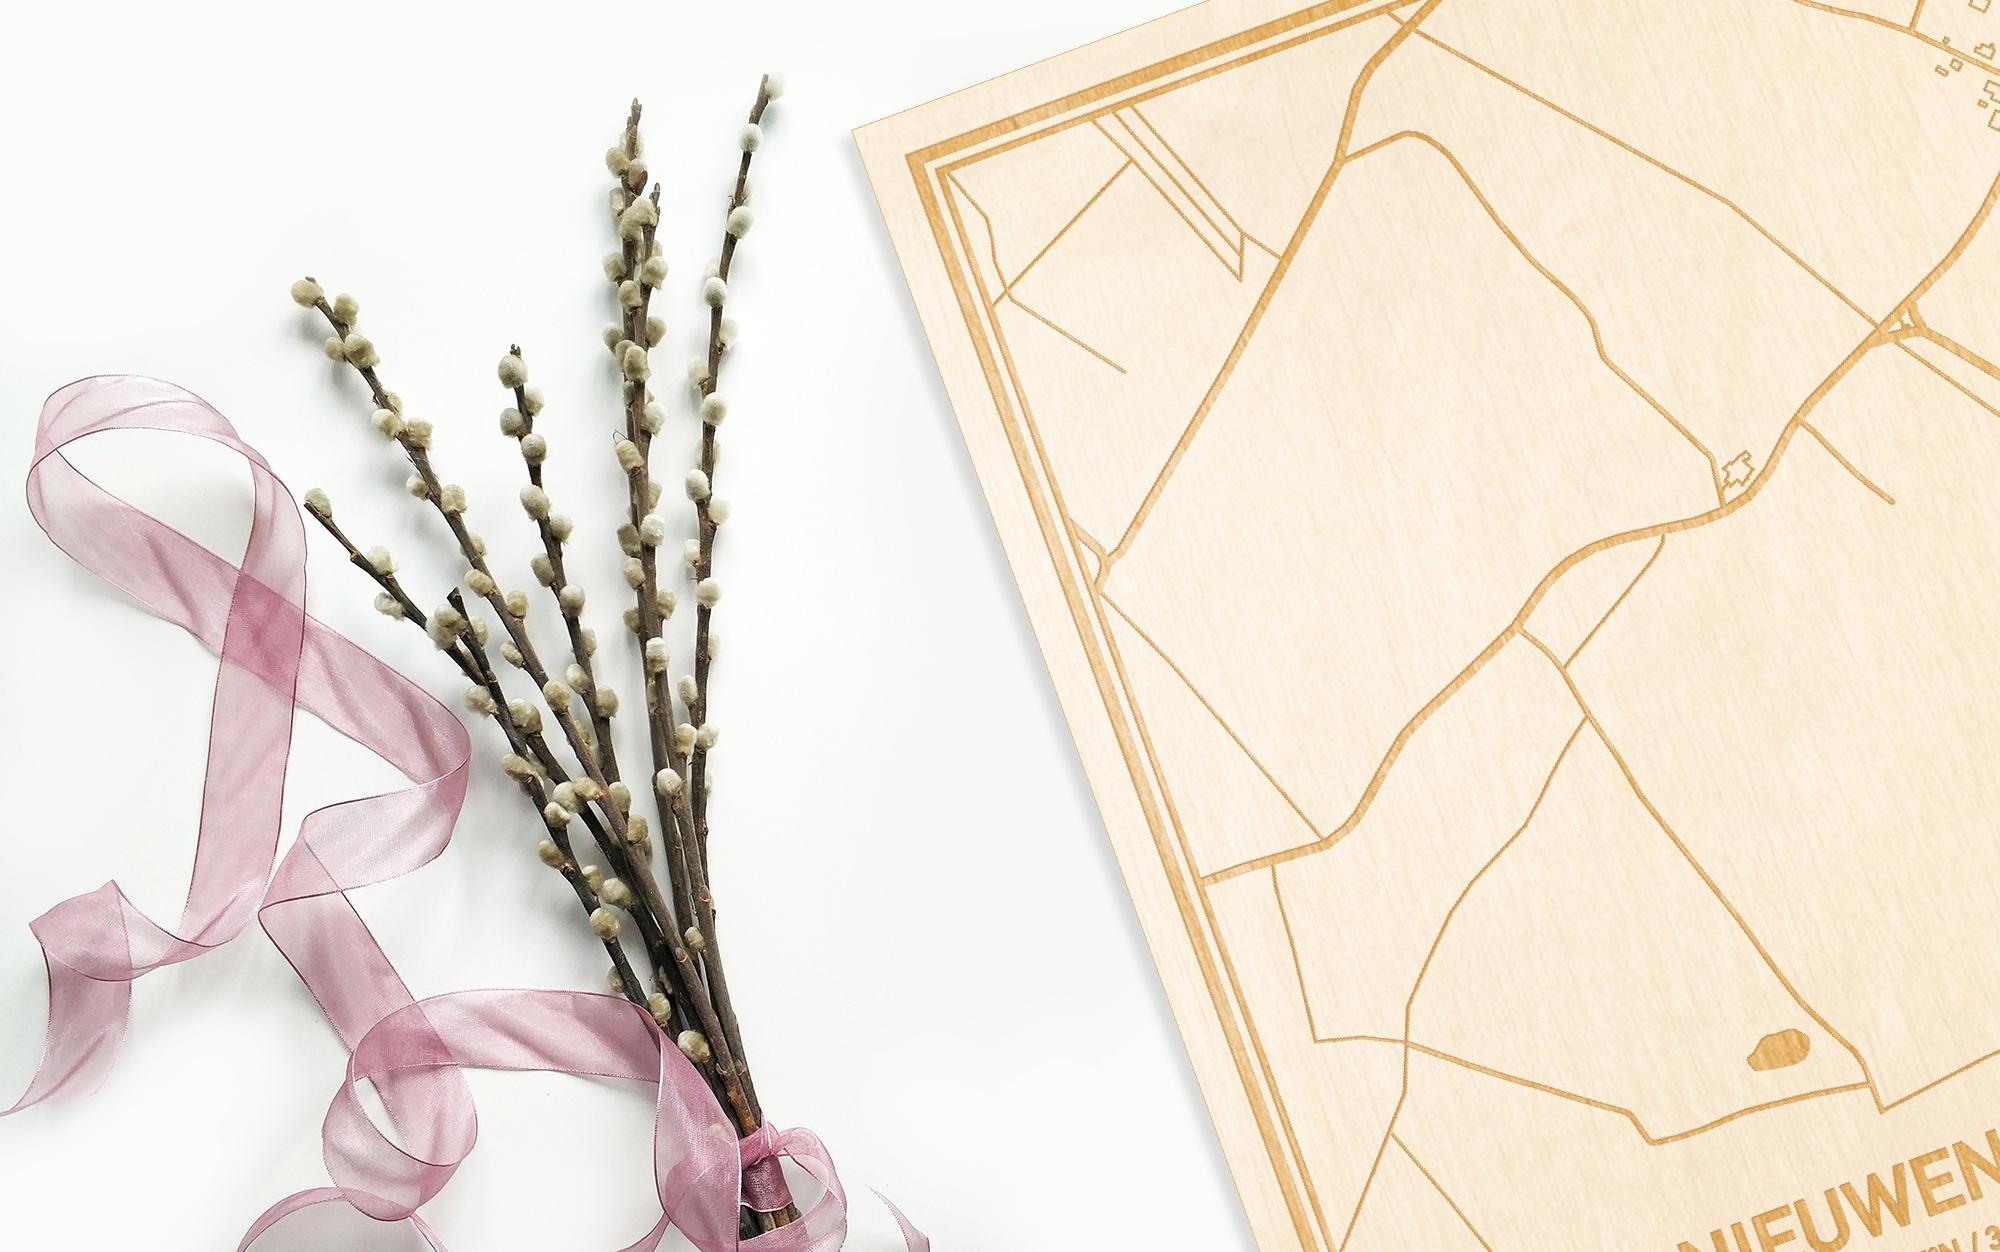 Hier ligt de houten plattegrond Nieuwenhove naast een bloemetje als gepersonaliseerd cadeau voor haar.